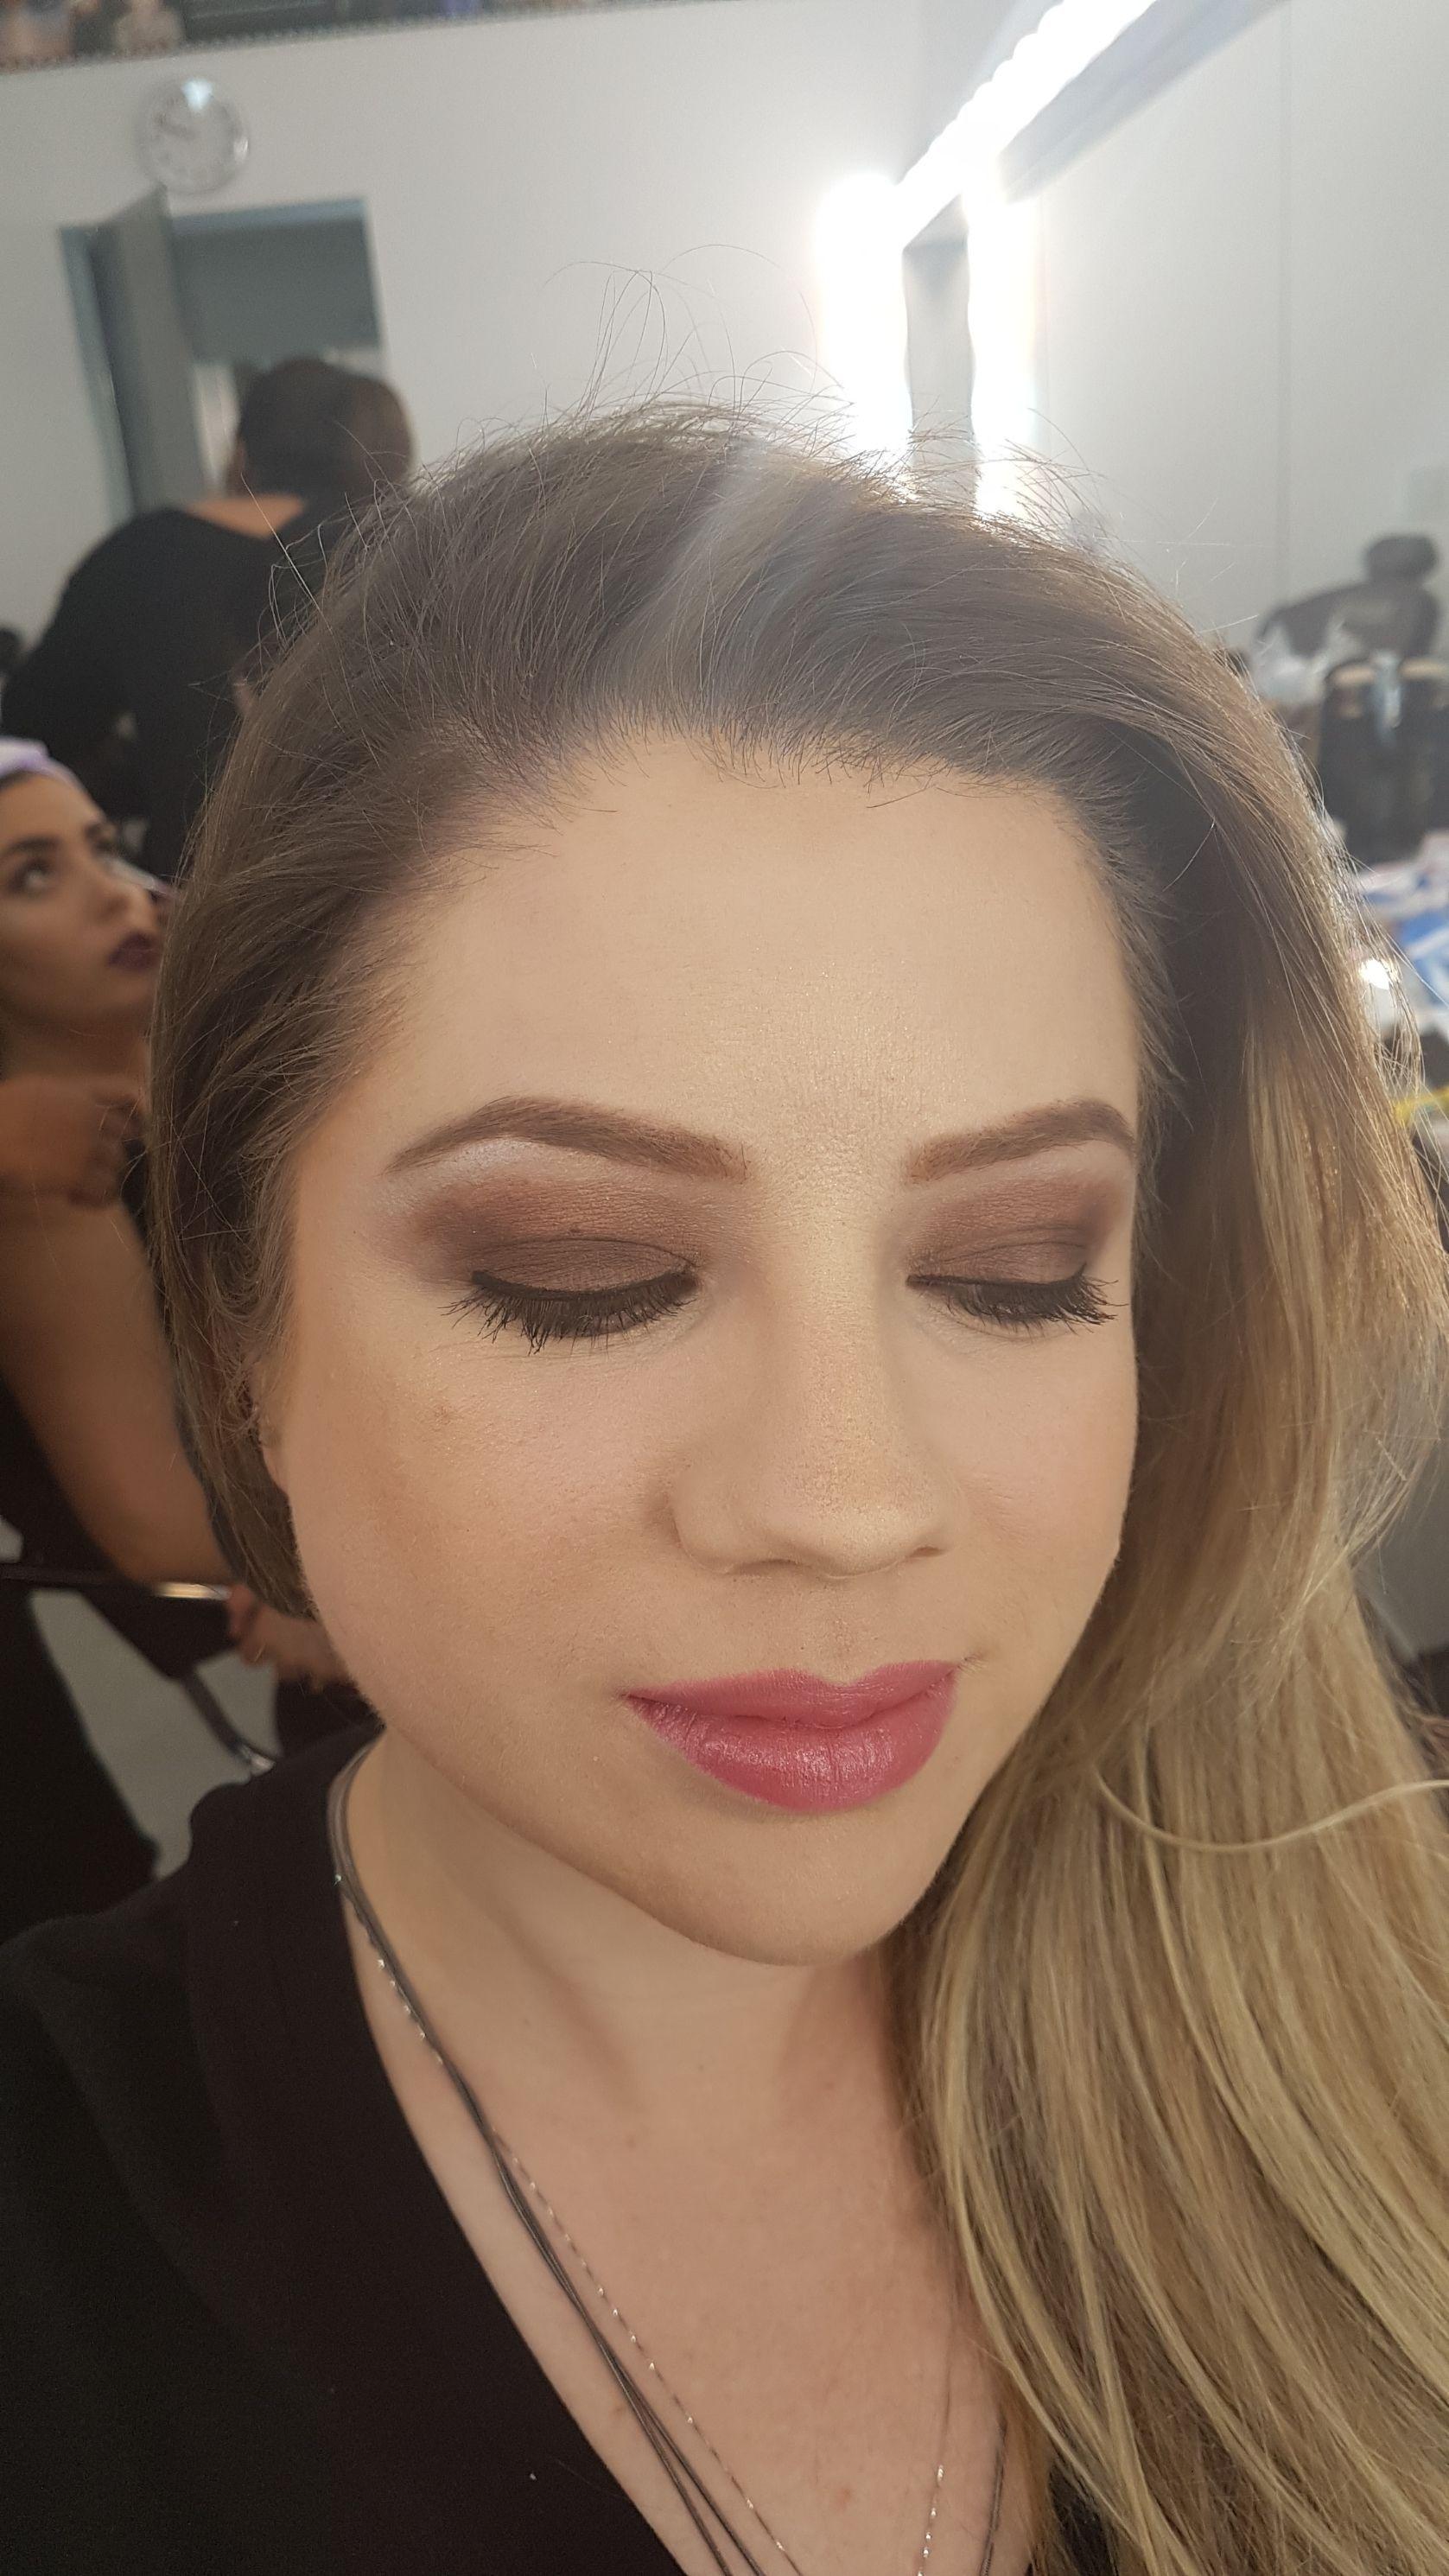 Técnica de olho monocromático. Produtos: makiê, atelier paris, índice tokio, revlon, lorea'l. maquiagem maquiador(a)